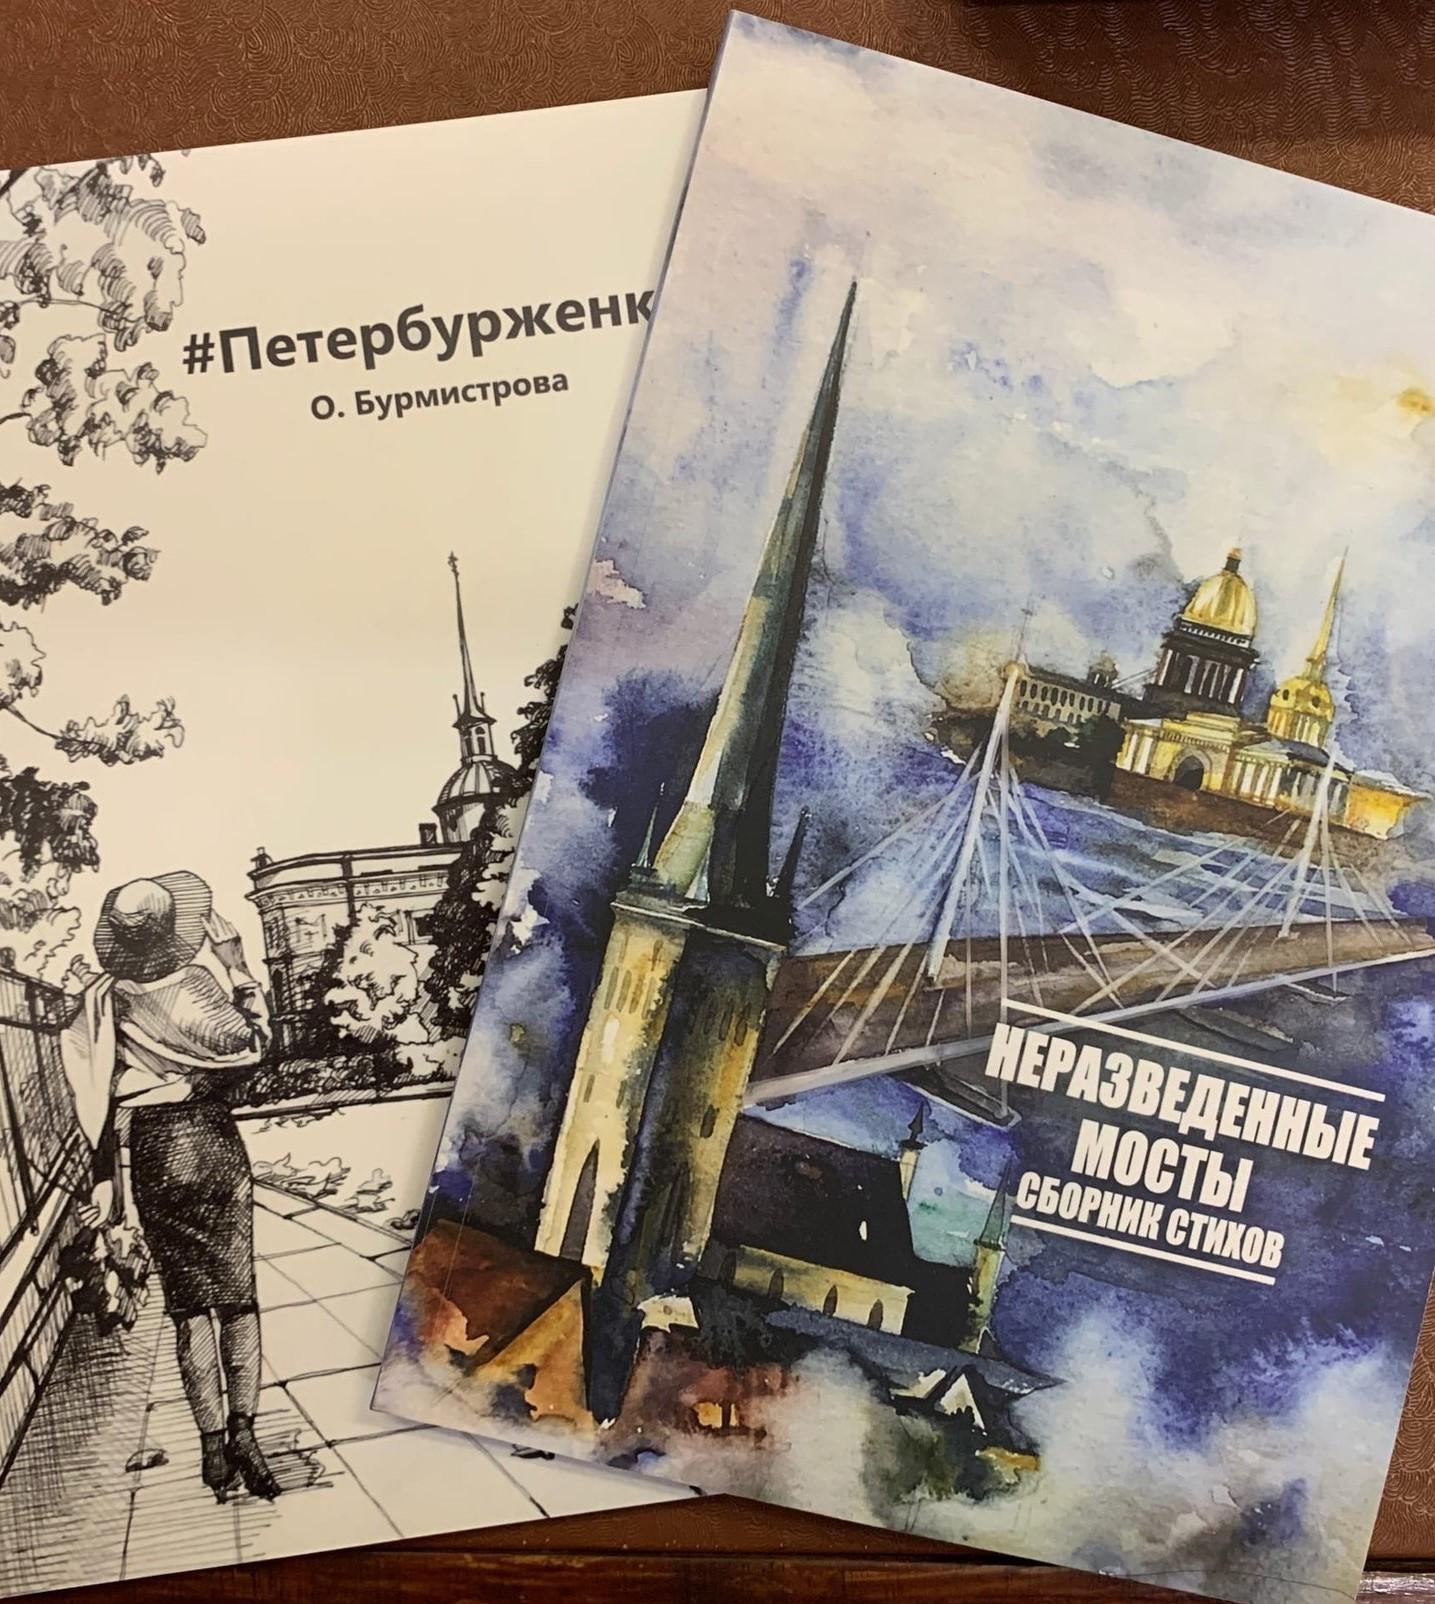 Презентация сборника стихов «Неразведённые мосты» Литературного салона Ольги Бурмистровой